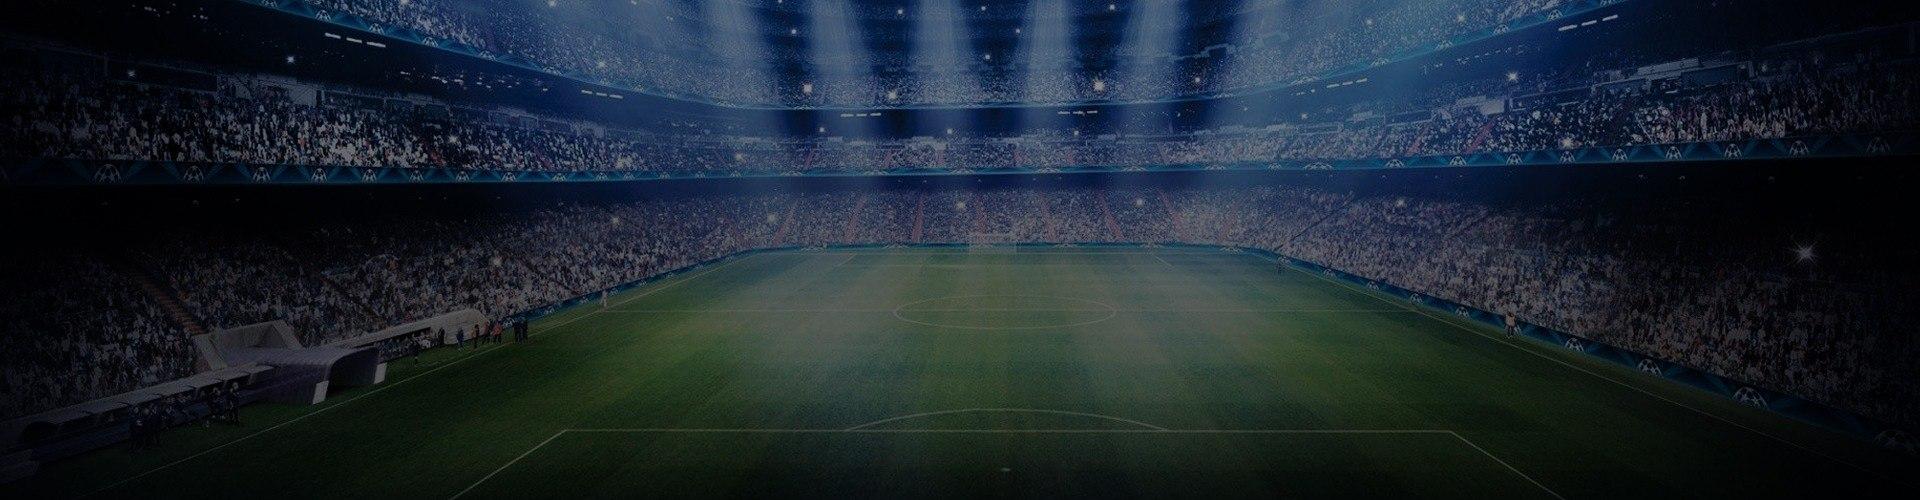 NEO.bet Wettsteuer – Müssen die Spieler beim Wettanbieter NEO.bet die Wettsteuer zahlen?